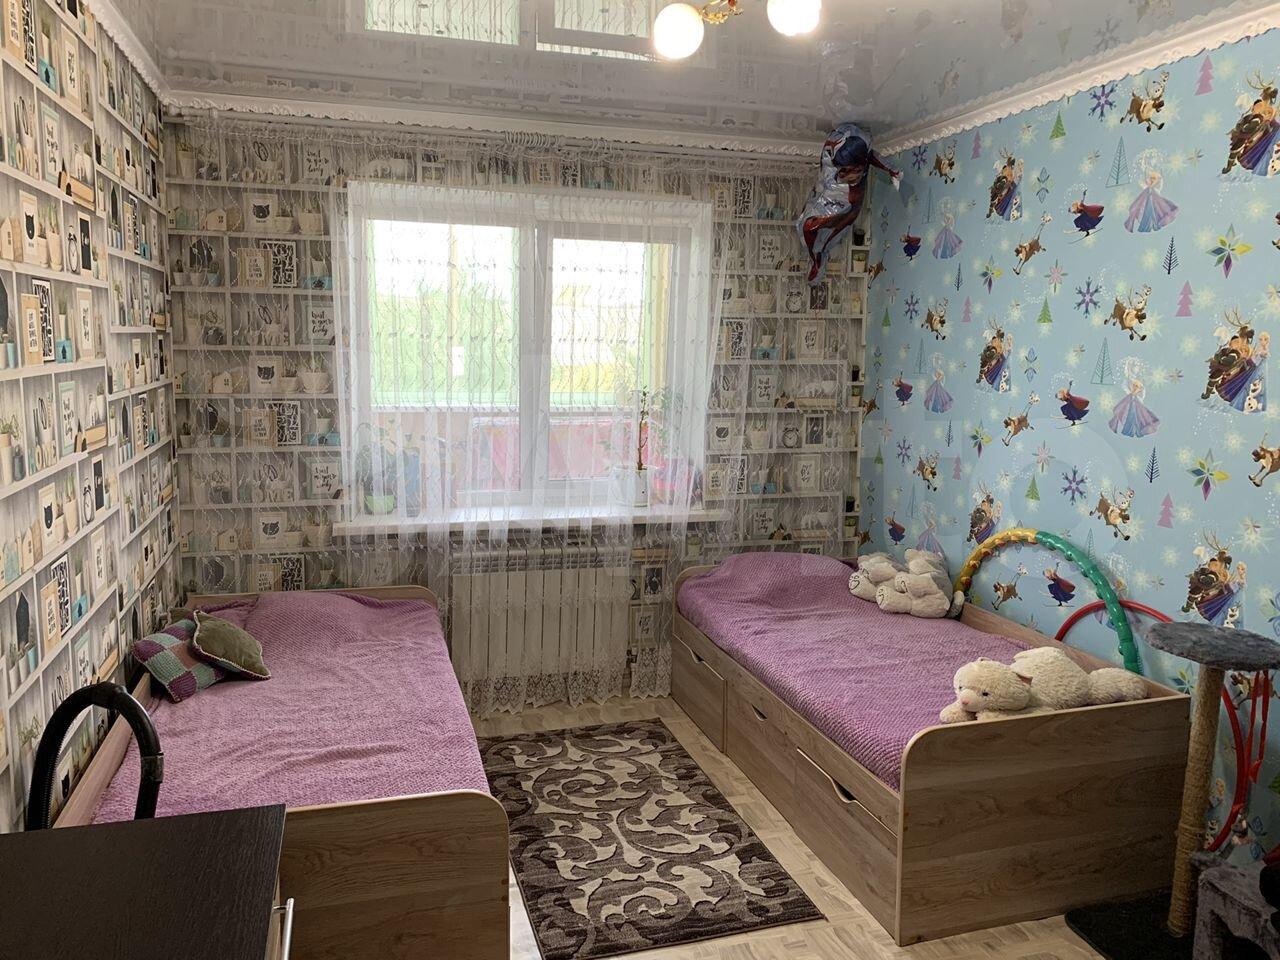 2-к квартира, 54.6 м², 1/3 эт.  89225542020 купить 4